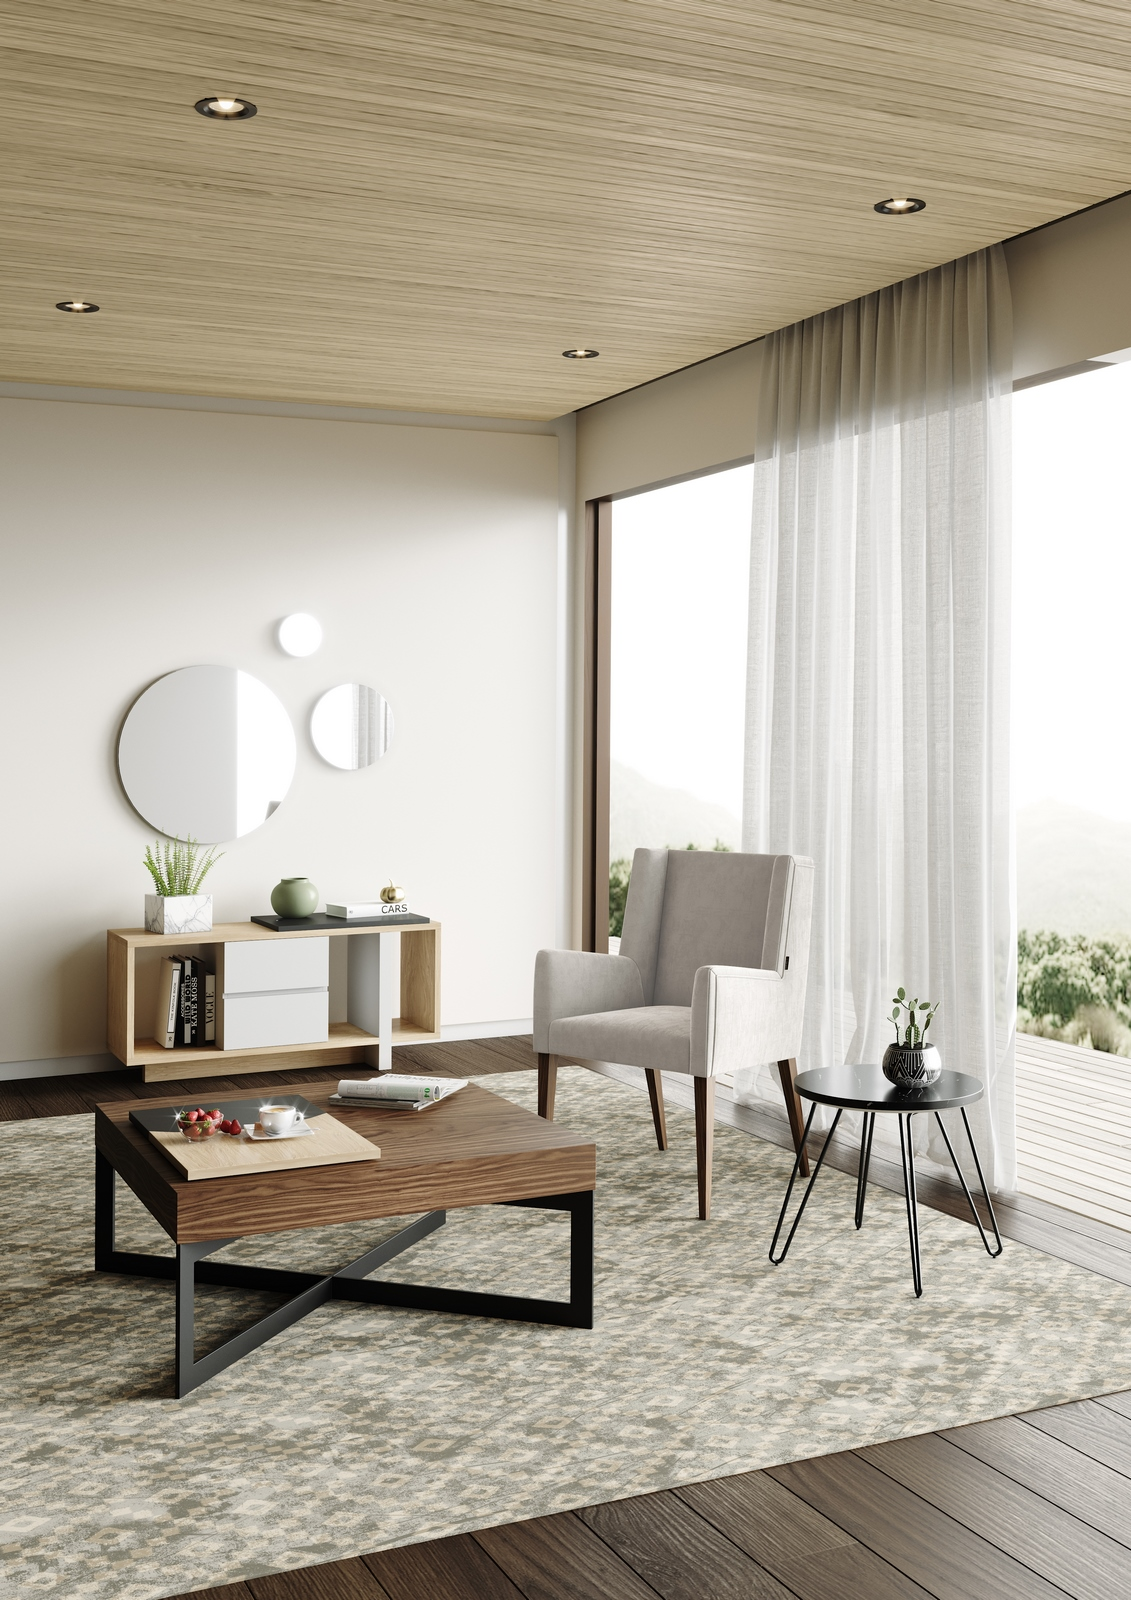 sala-estar-cadeirao-bracos-movel-apoio-mesa-centro-espelho